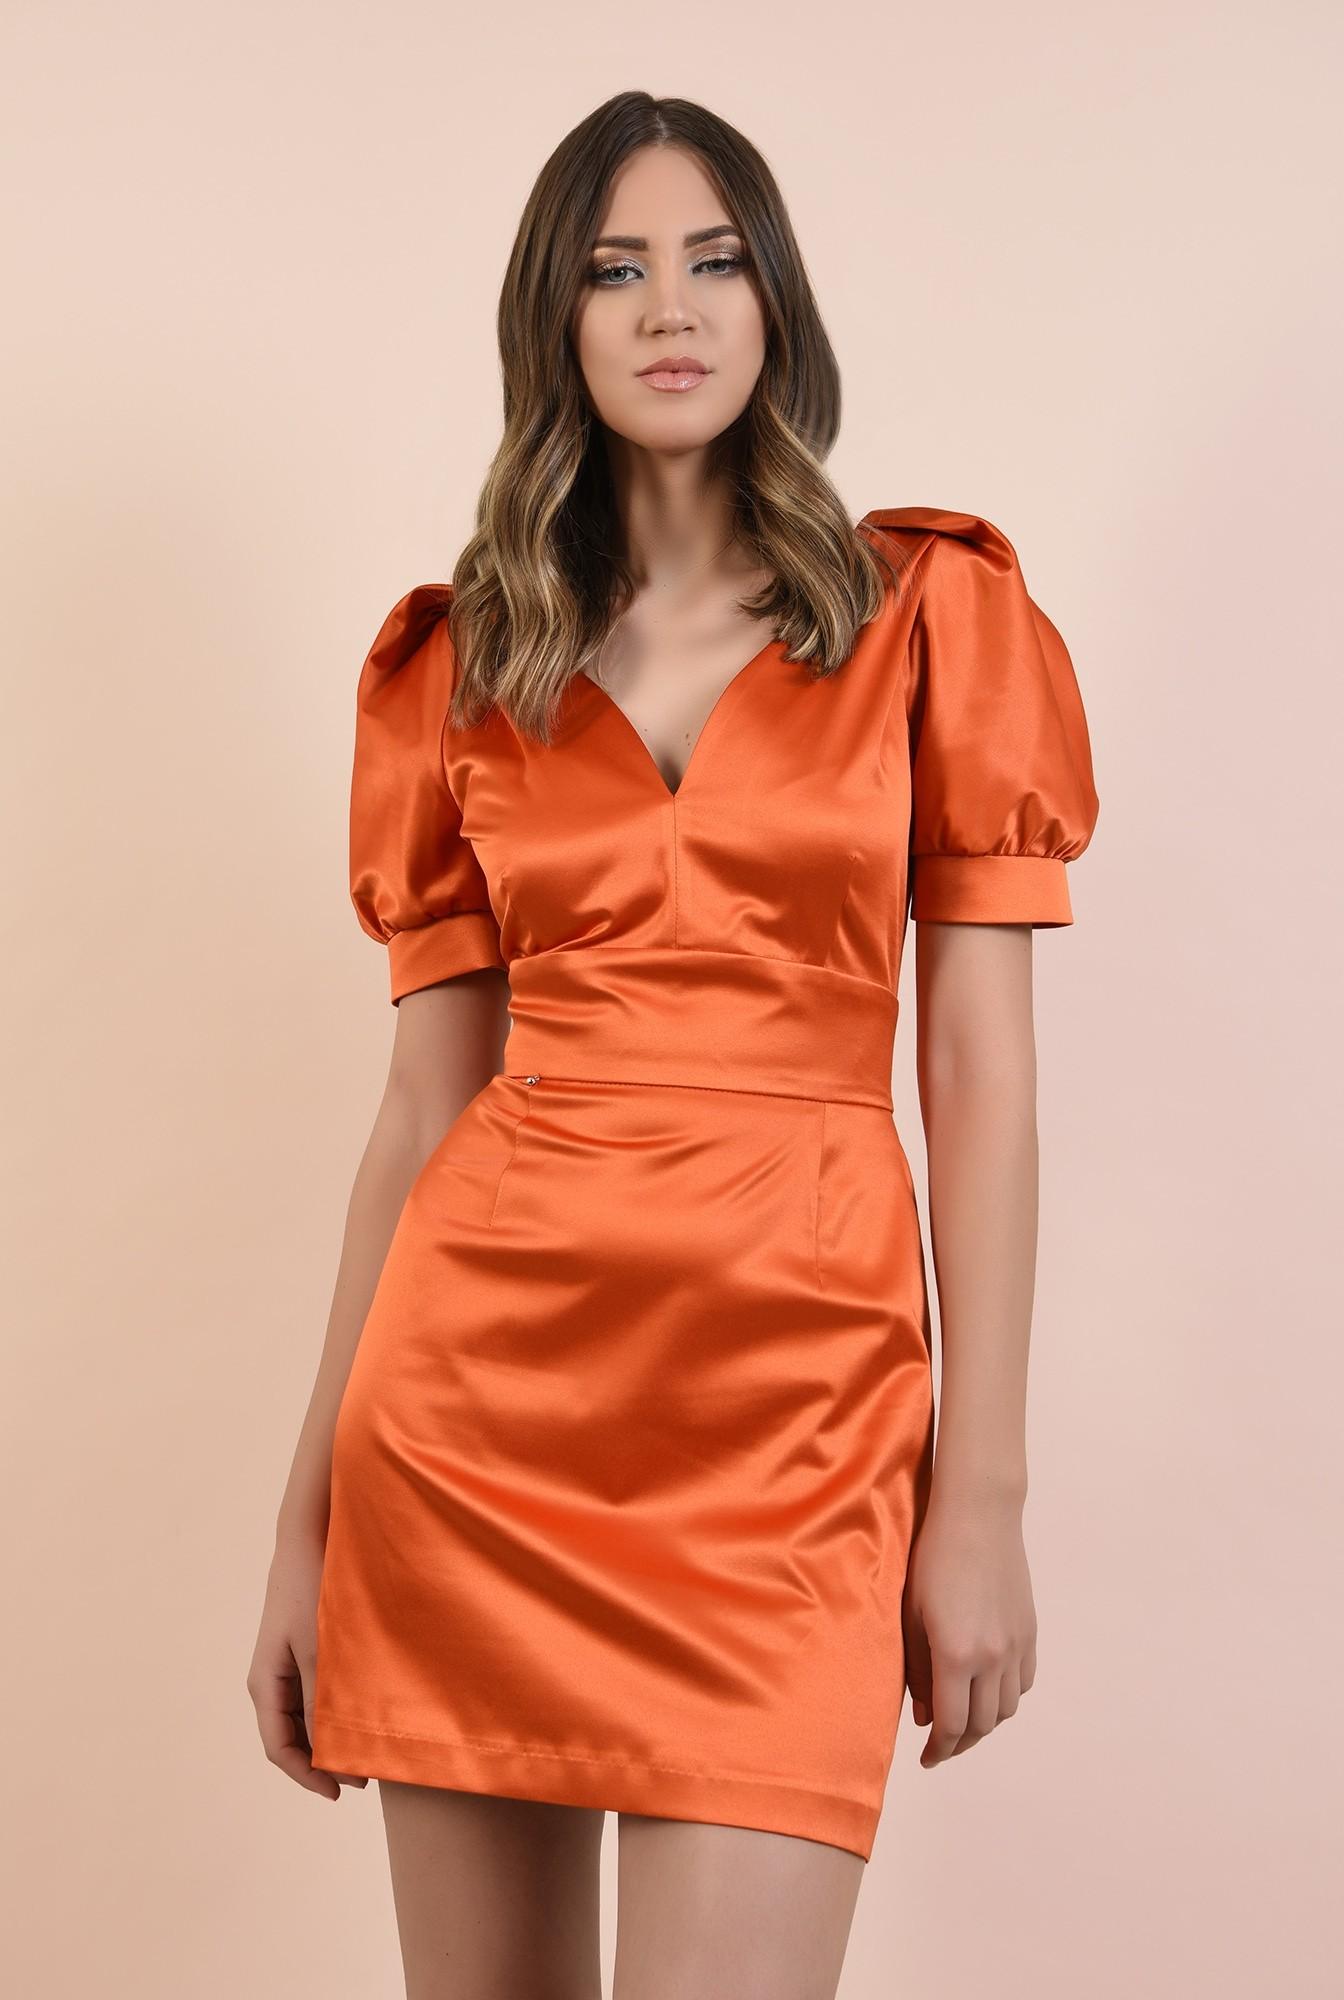 2 - rochie de seara, orange, tafta de bumbac, maneci fantezie, lungime mini